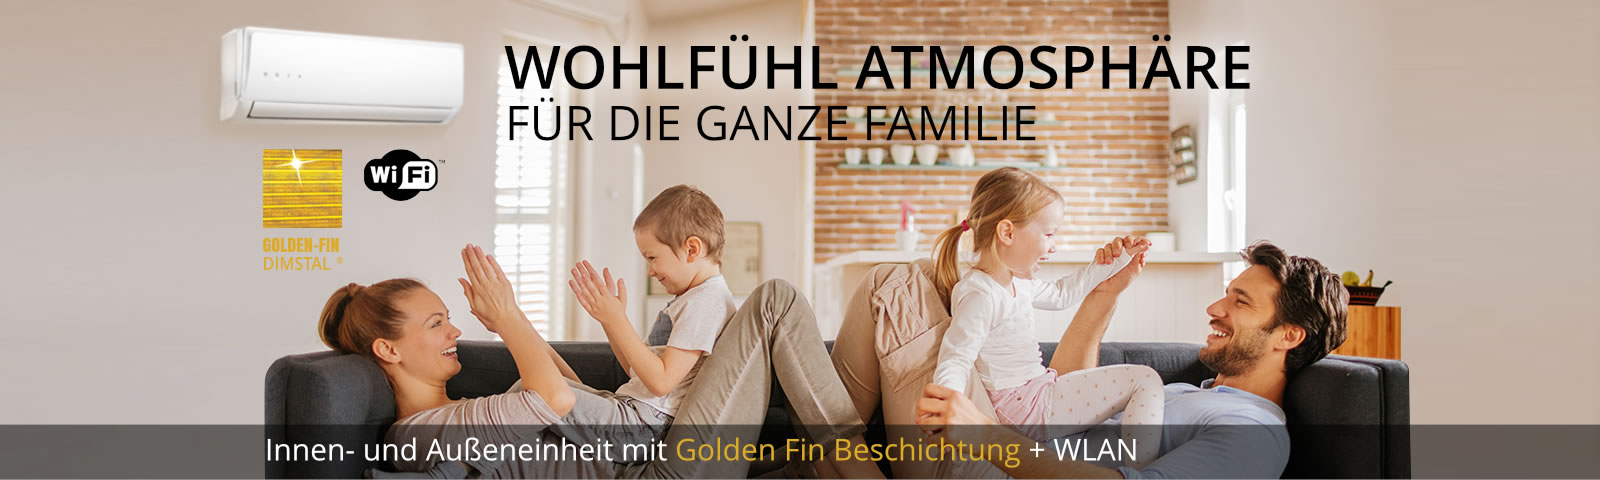 Split Klimaanlage kaufen - DIMSTAL® Golden-Fin Inverter Klimageräte